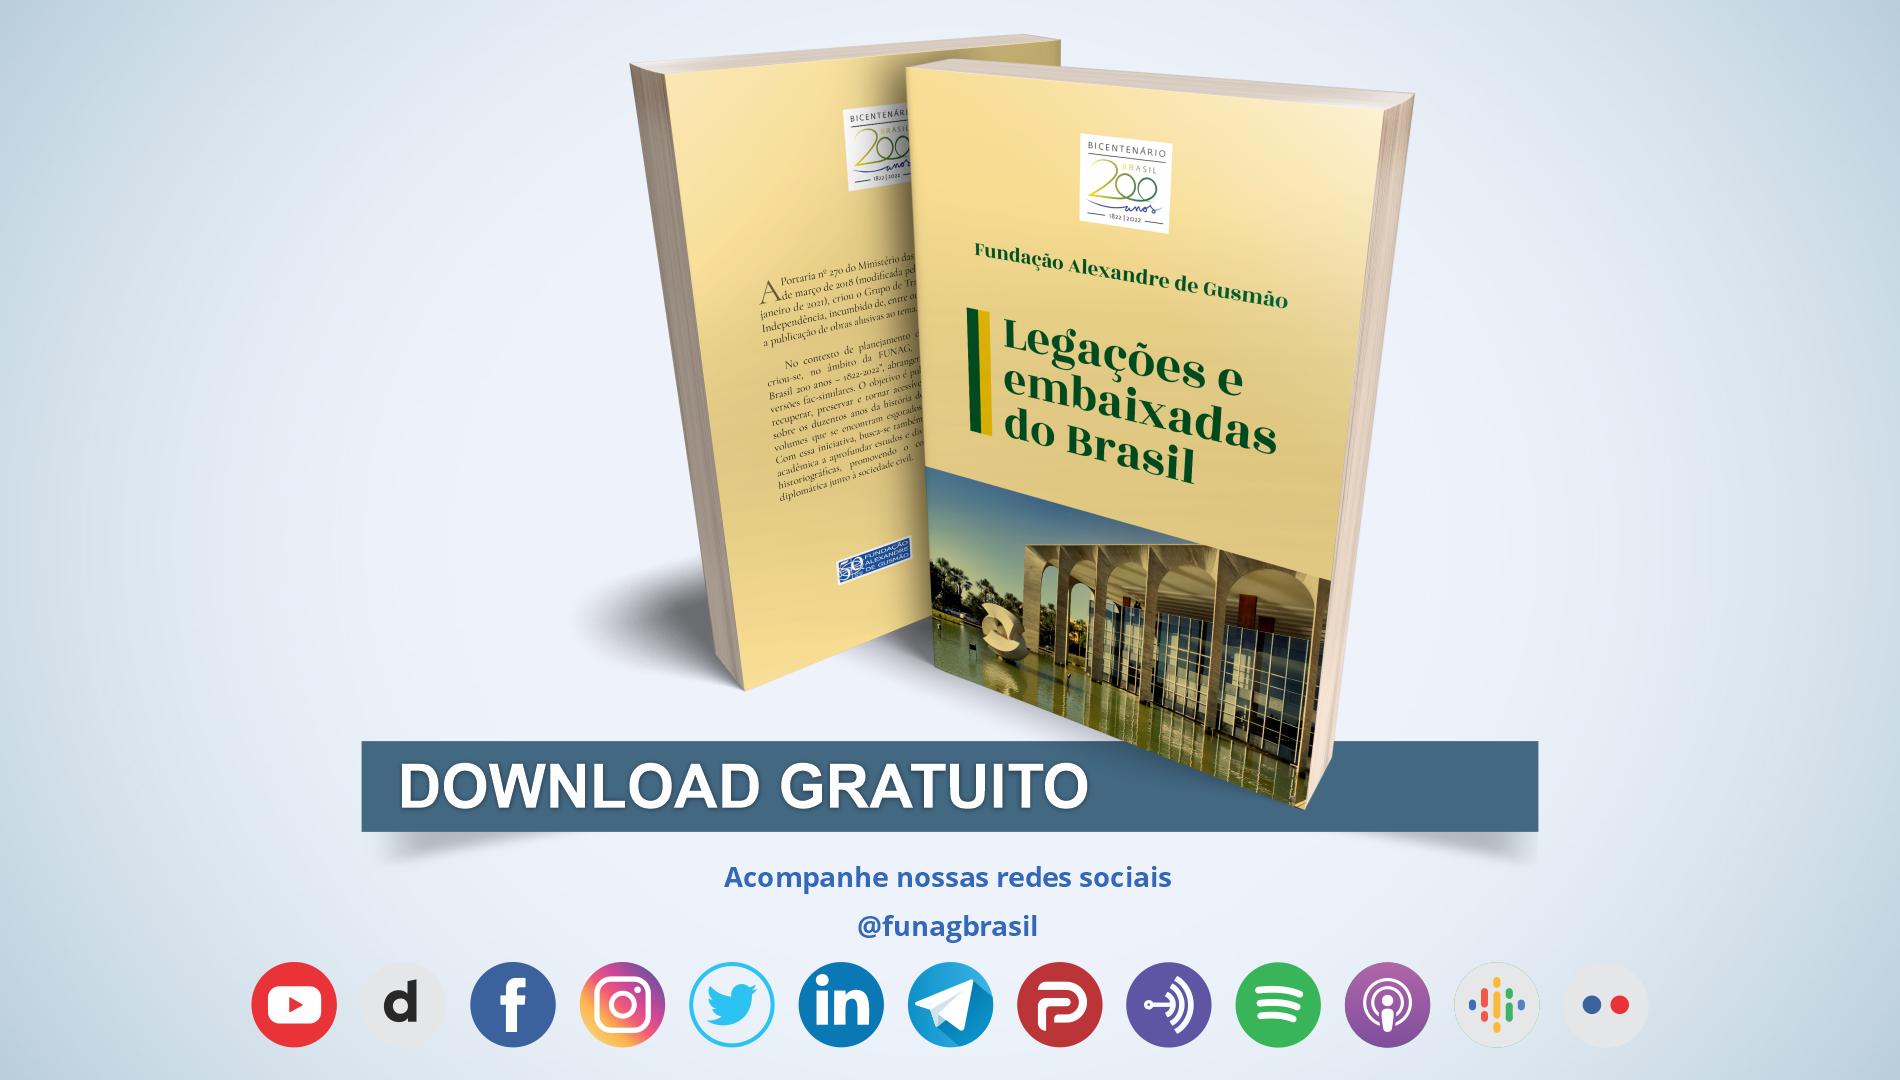 Lançamento de livro e plataforma de busca sobre legações e embaixadas do Brasil